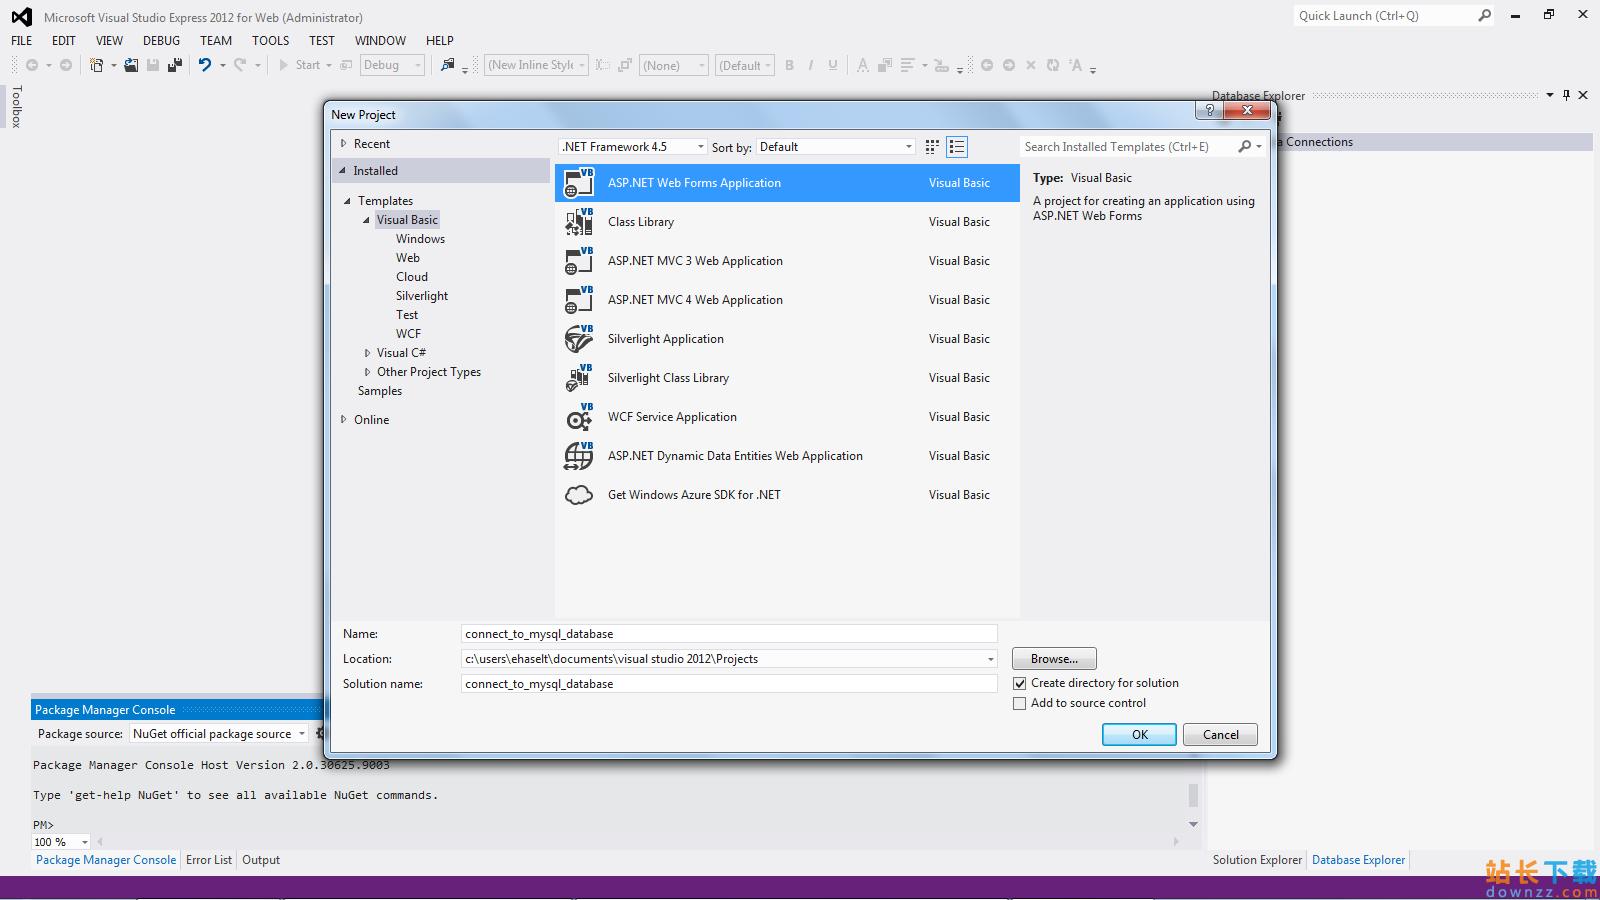 在VB.NET应用中使用MySQL 的办法